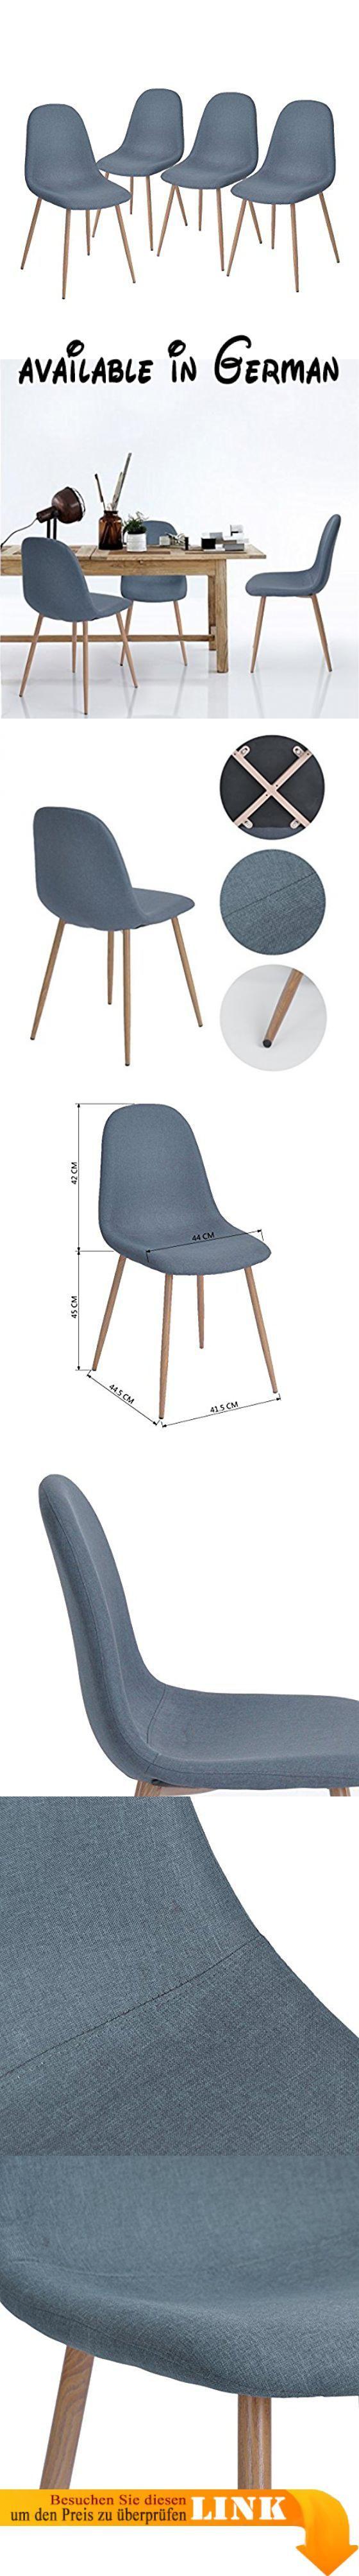 Stühle Skandinavischen Design Stuhl Gartenstuhl Stuhl Esszimmerstuhl Küche.  Zusammensetzung Des Set: Set Aus 4Stühlen. Maße: 44.5x 44x 87cm (ca.).